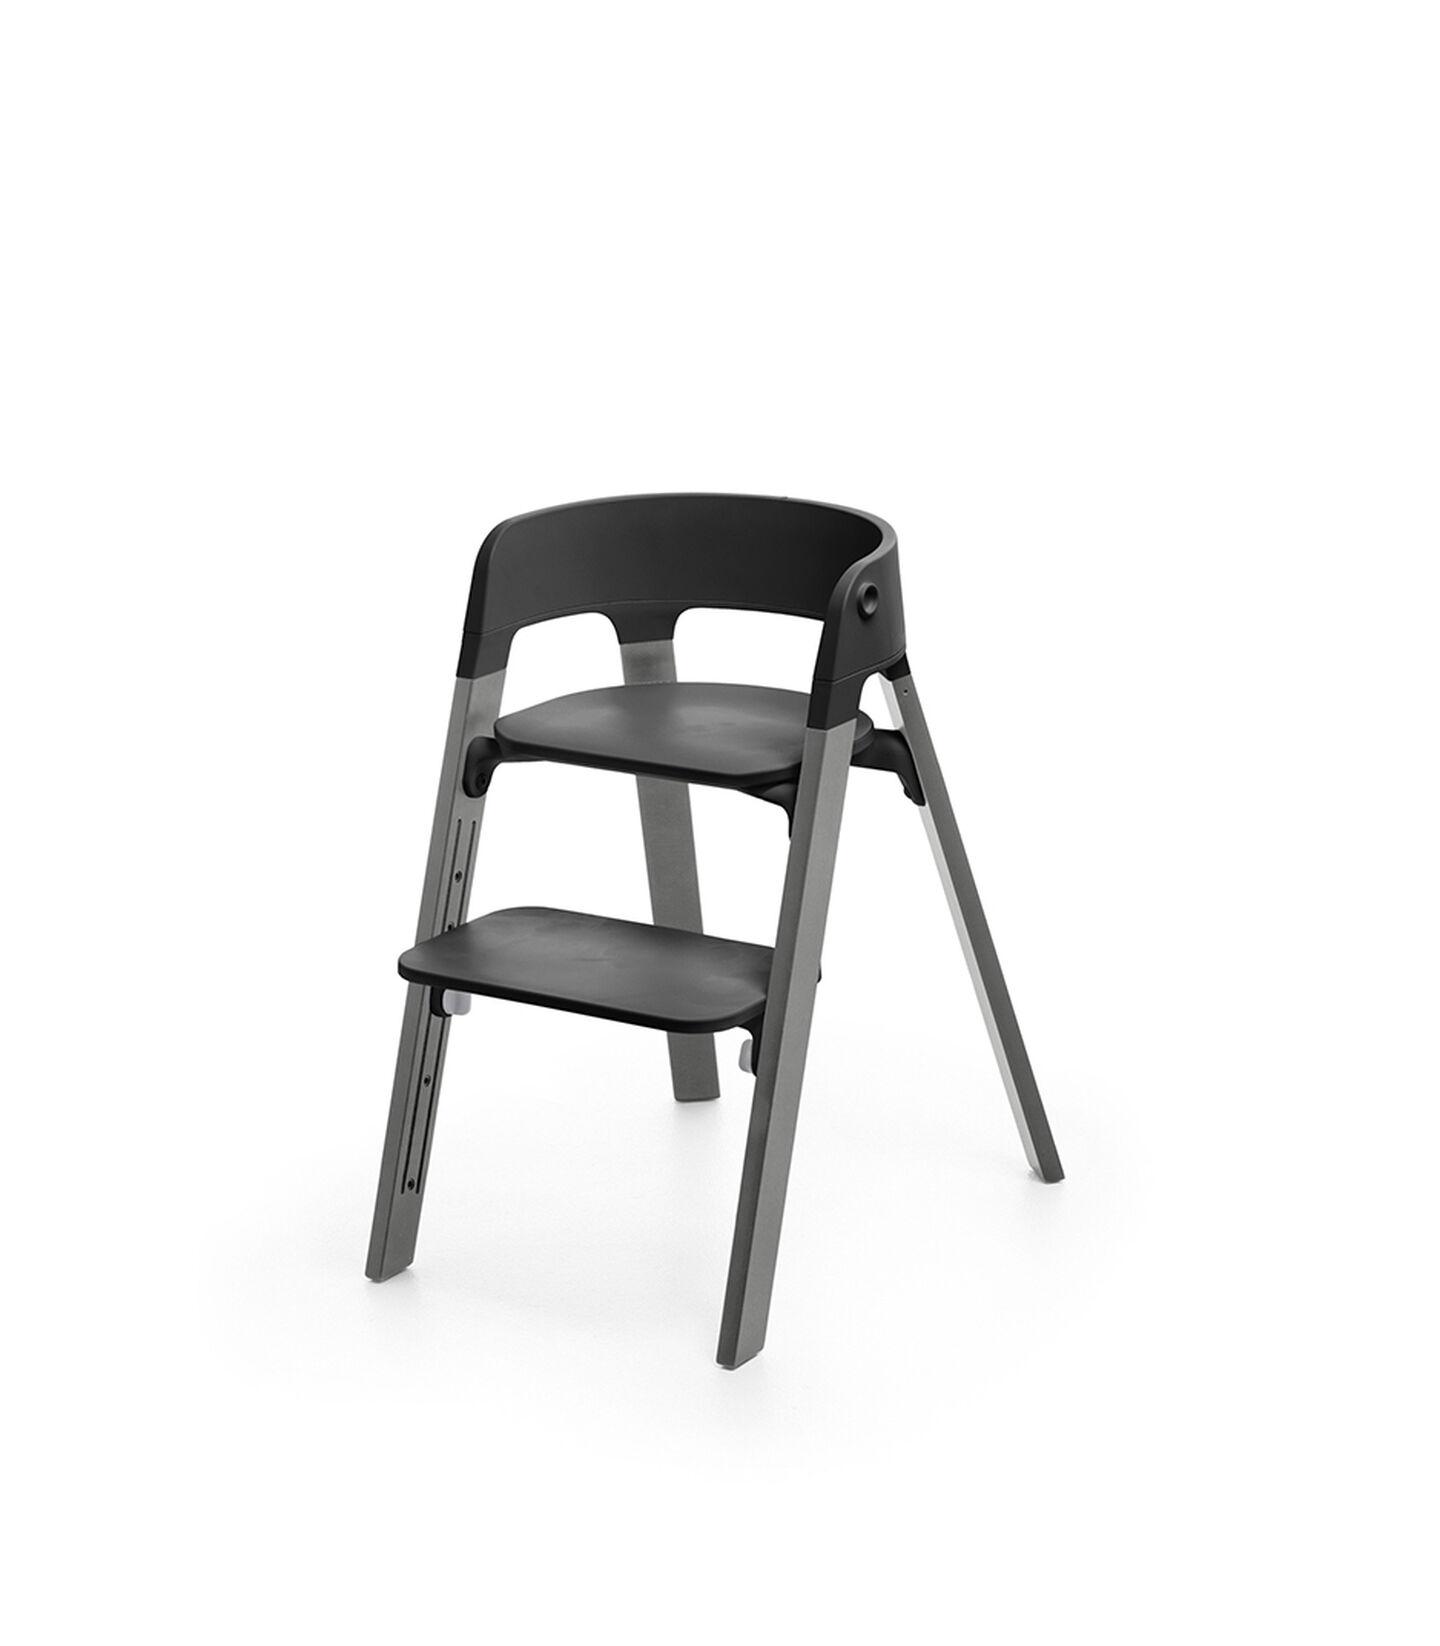 Stokke Steps™ Chair Black Seat Storm Grey Legs stokke